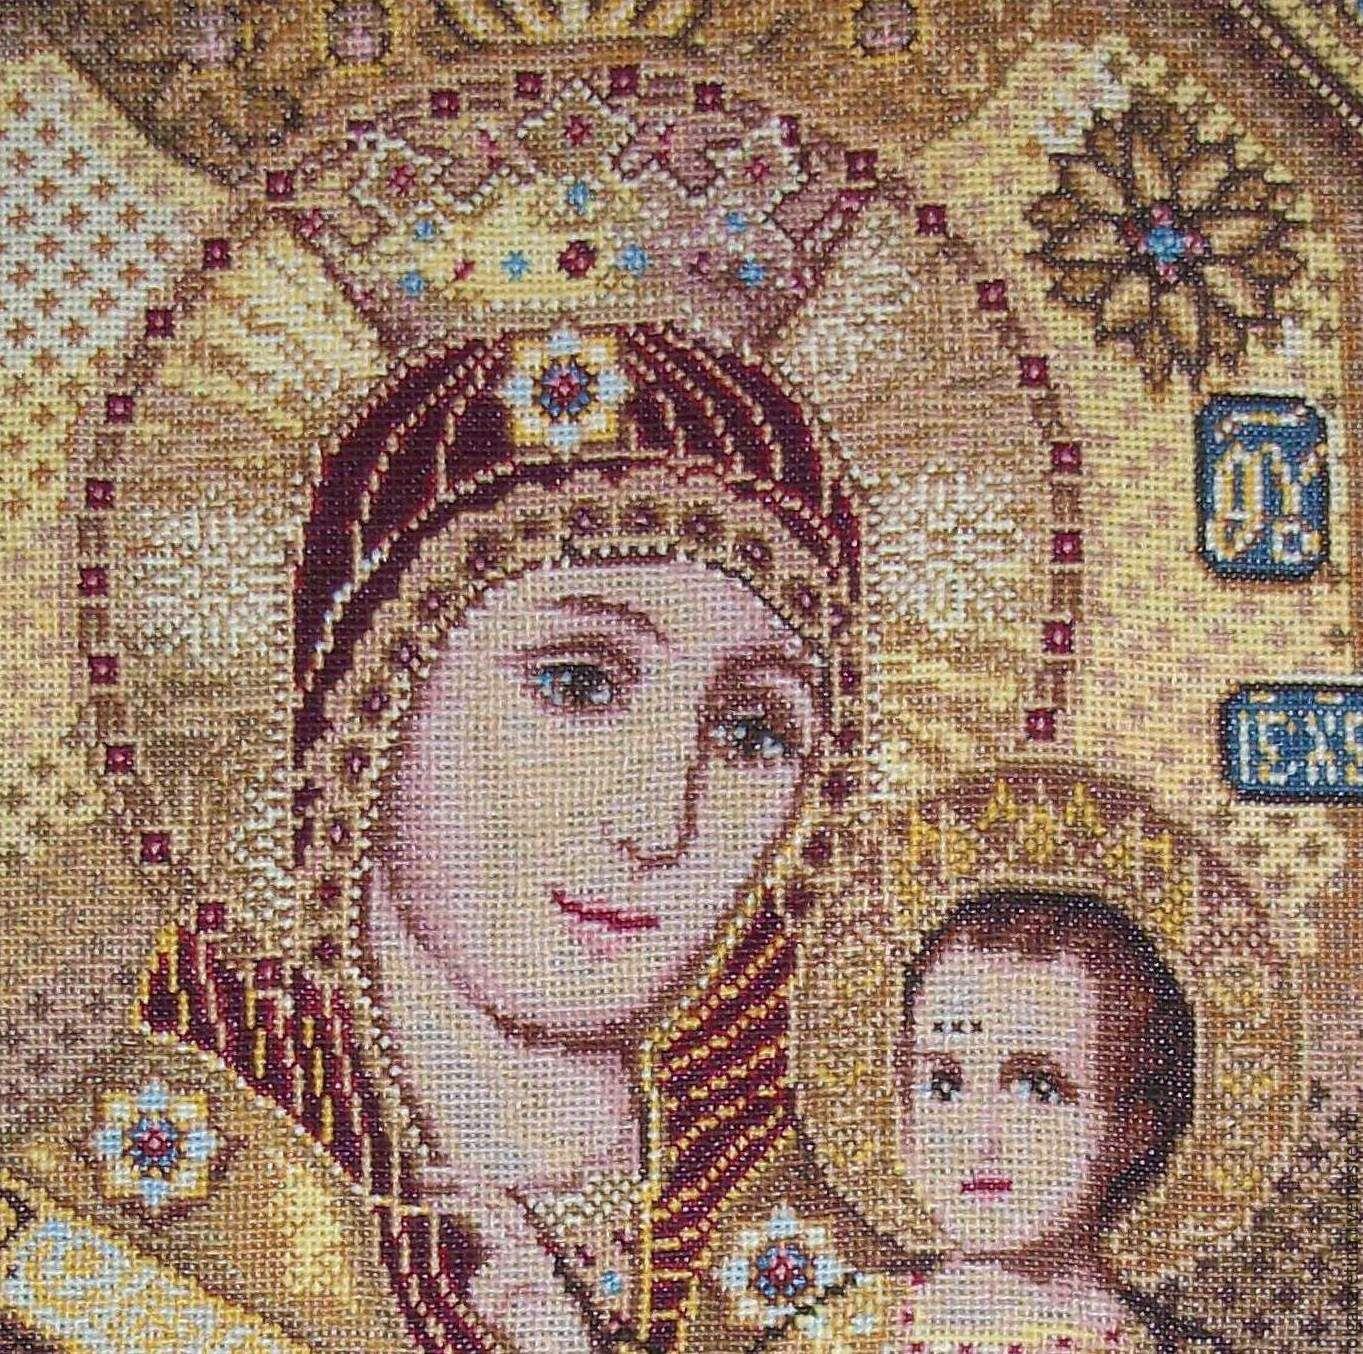 совместные иконы вышитые крестом фото схемы втором примере